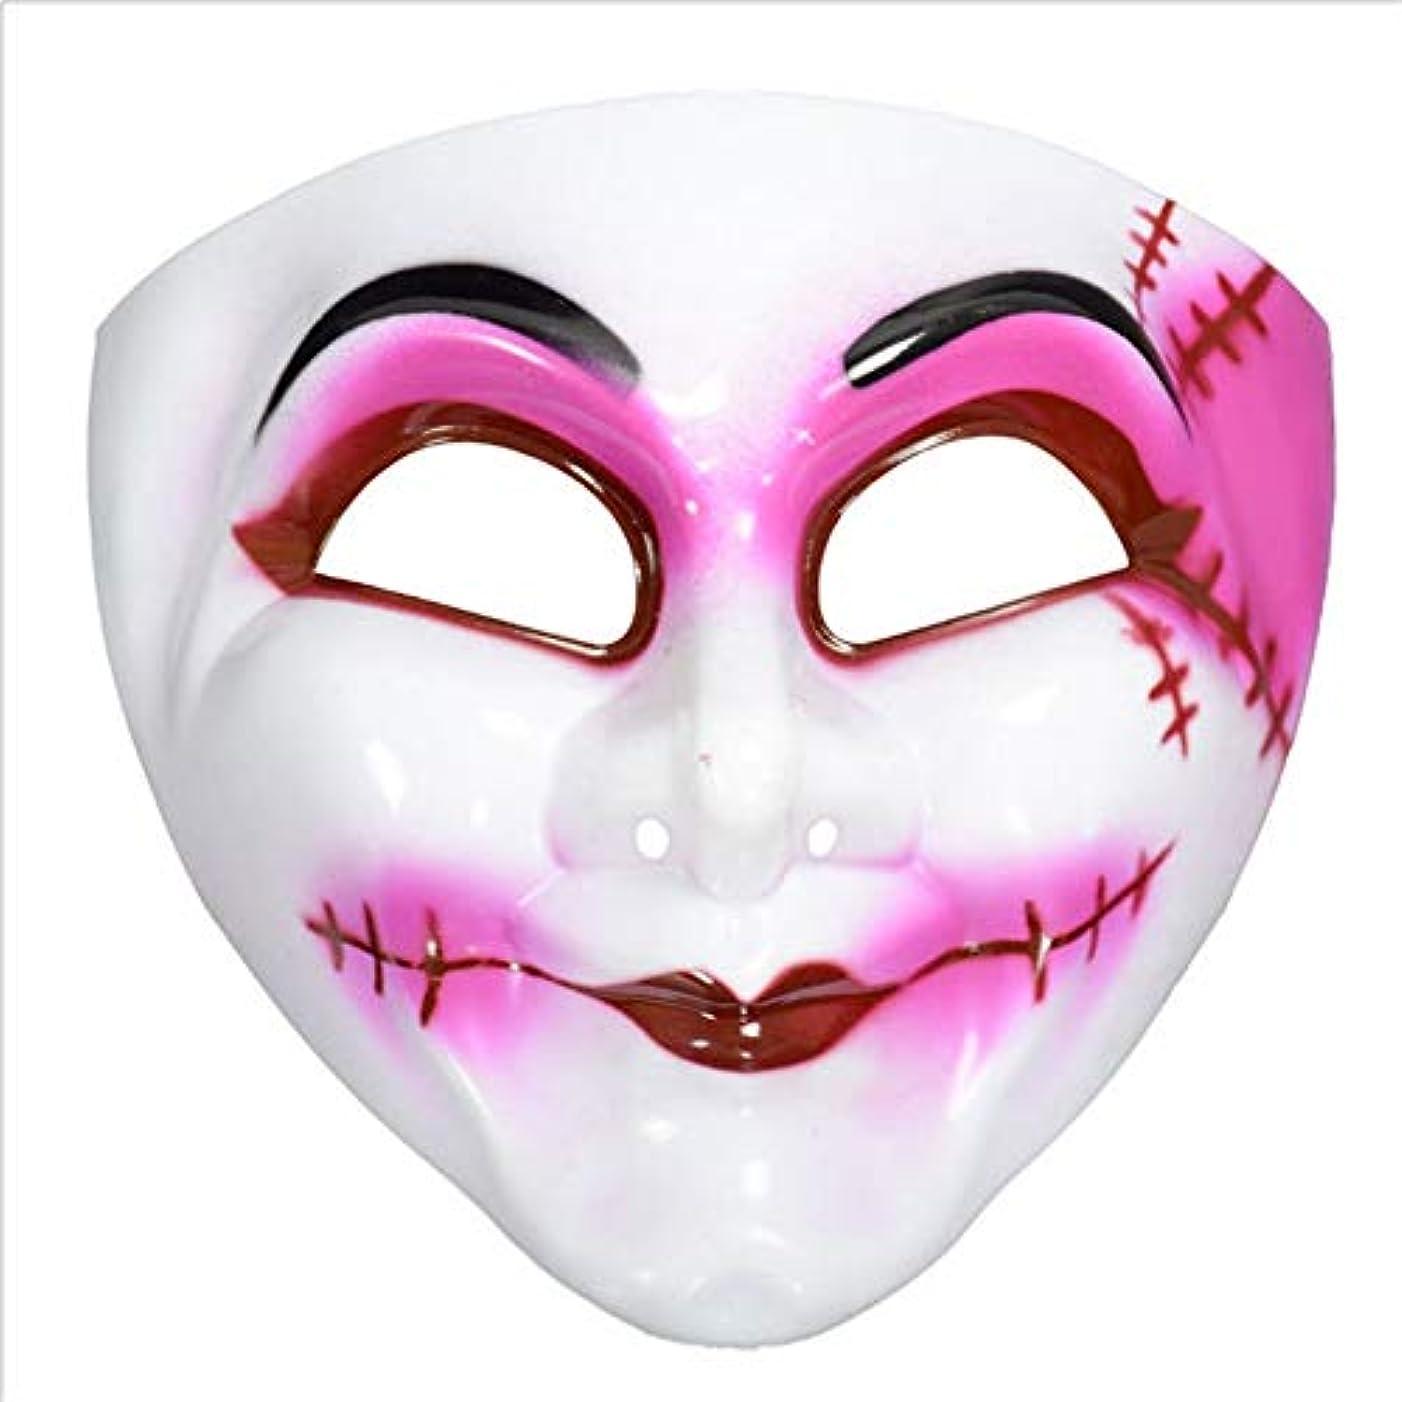 ライム証書習慣ハロウィーンマスク道化師ドレスアップホラースクリーミングフェアリークイーンマスク仮装ショーマスクホラー面白いフェイスマスク